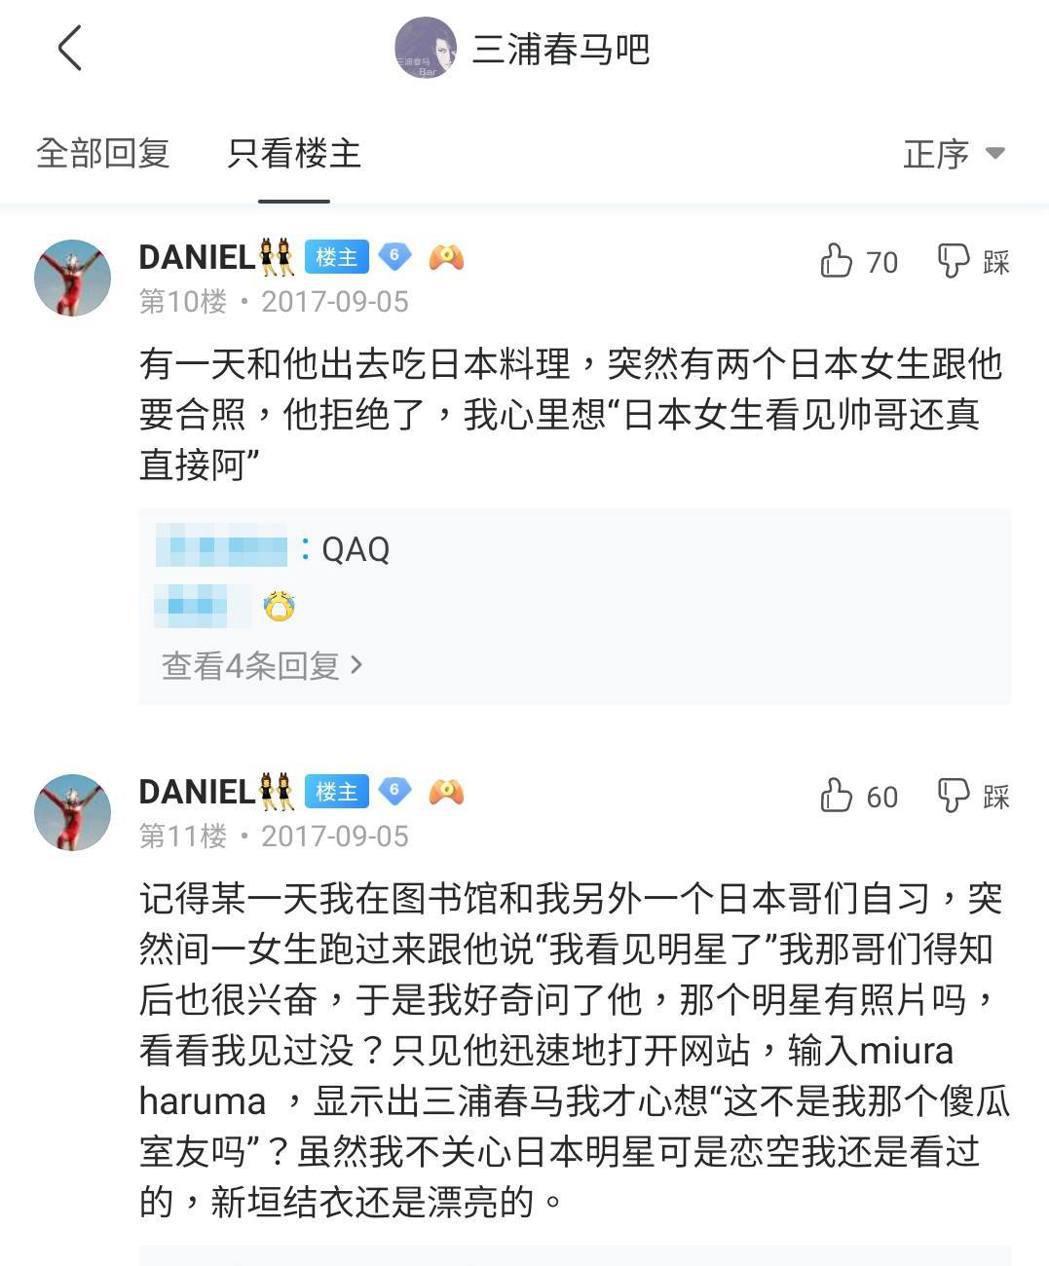 中國網友記錄者當年與三浦春馬在英國當室友相處的點滴。 圖/擷自三浦春馬貼吧